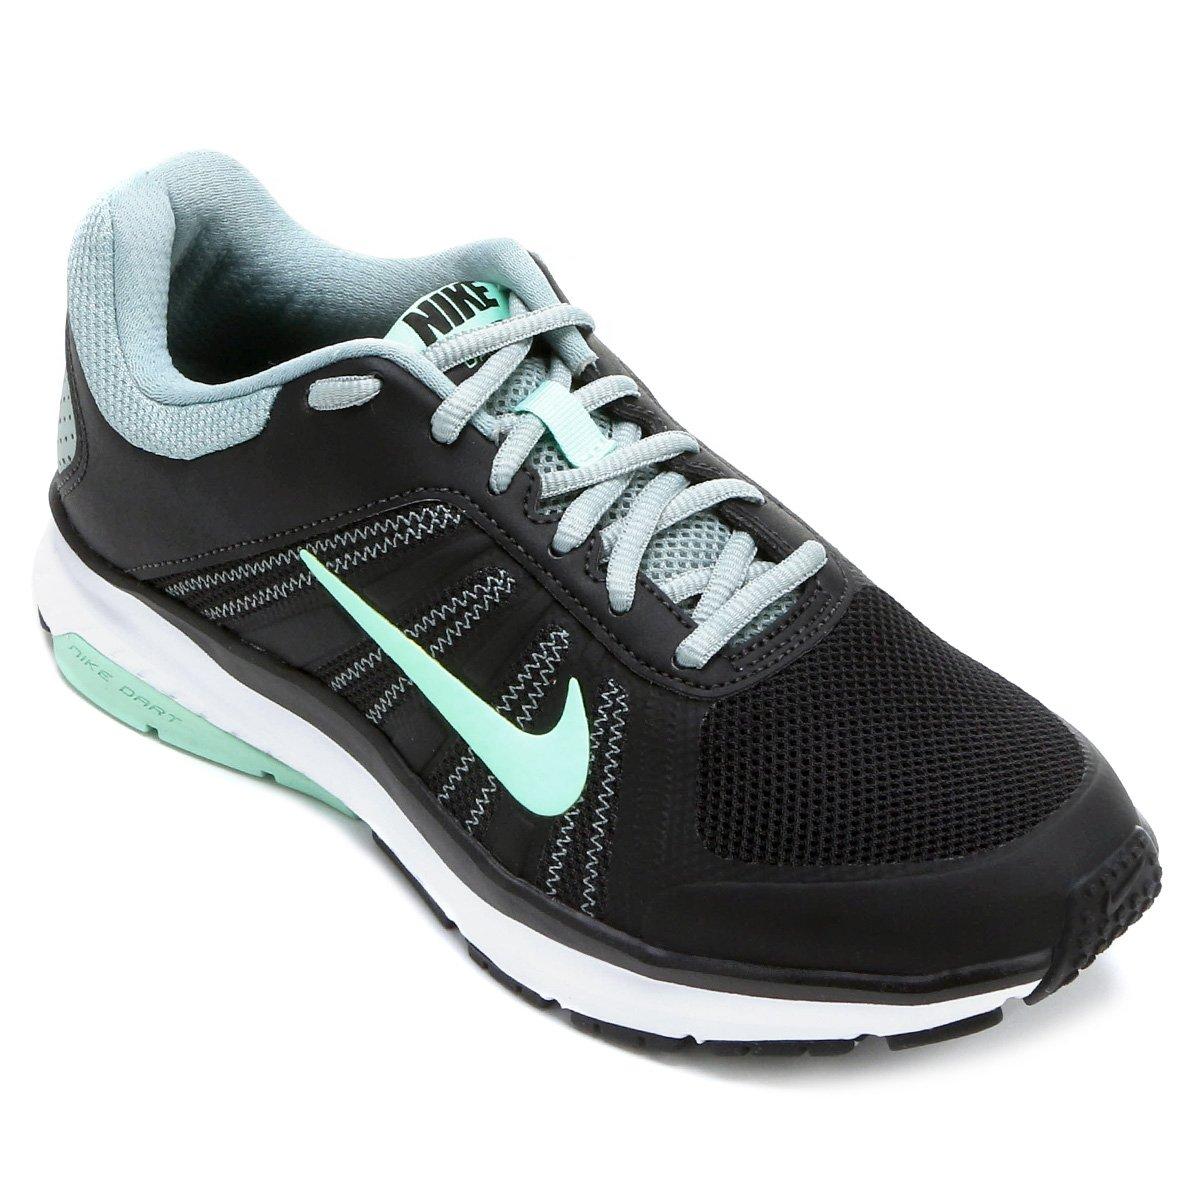 877e39495a0af Tênis Nike Dart 12 MSL Feminino - Preto e Verde Água - Compre Agora ...